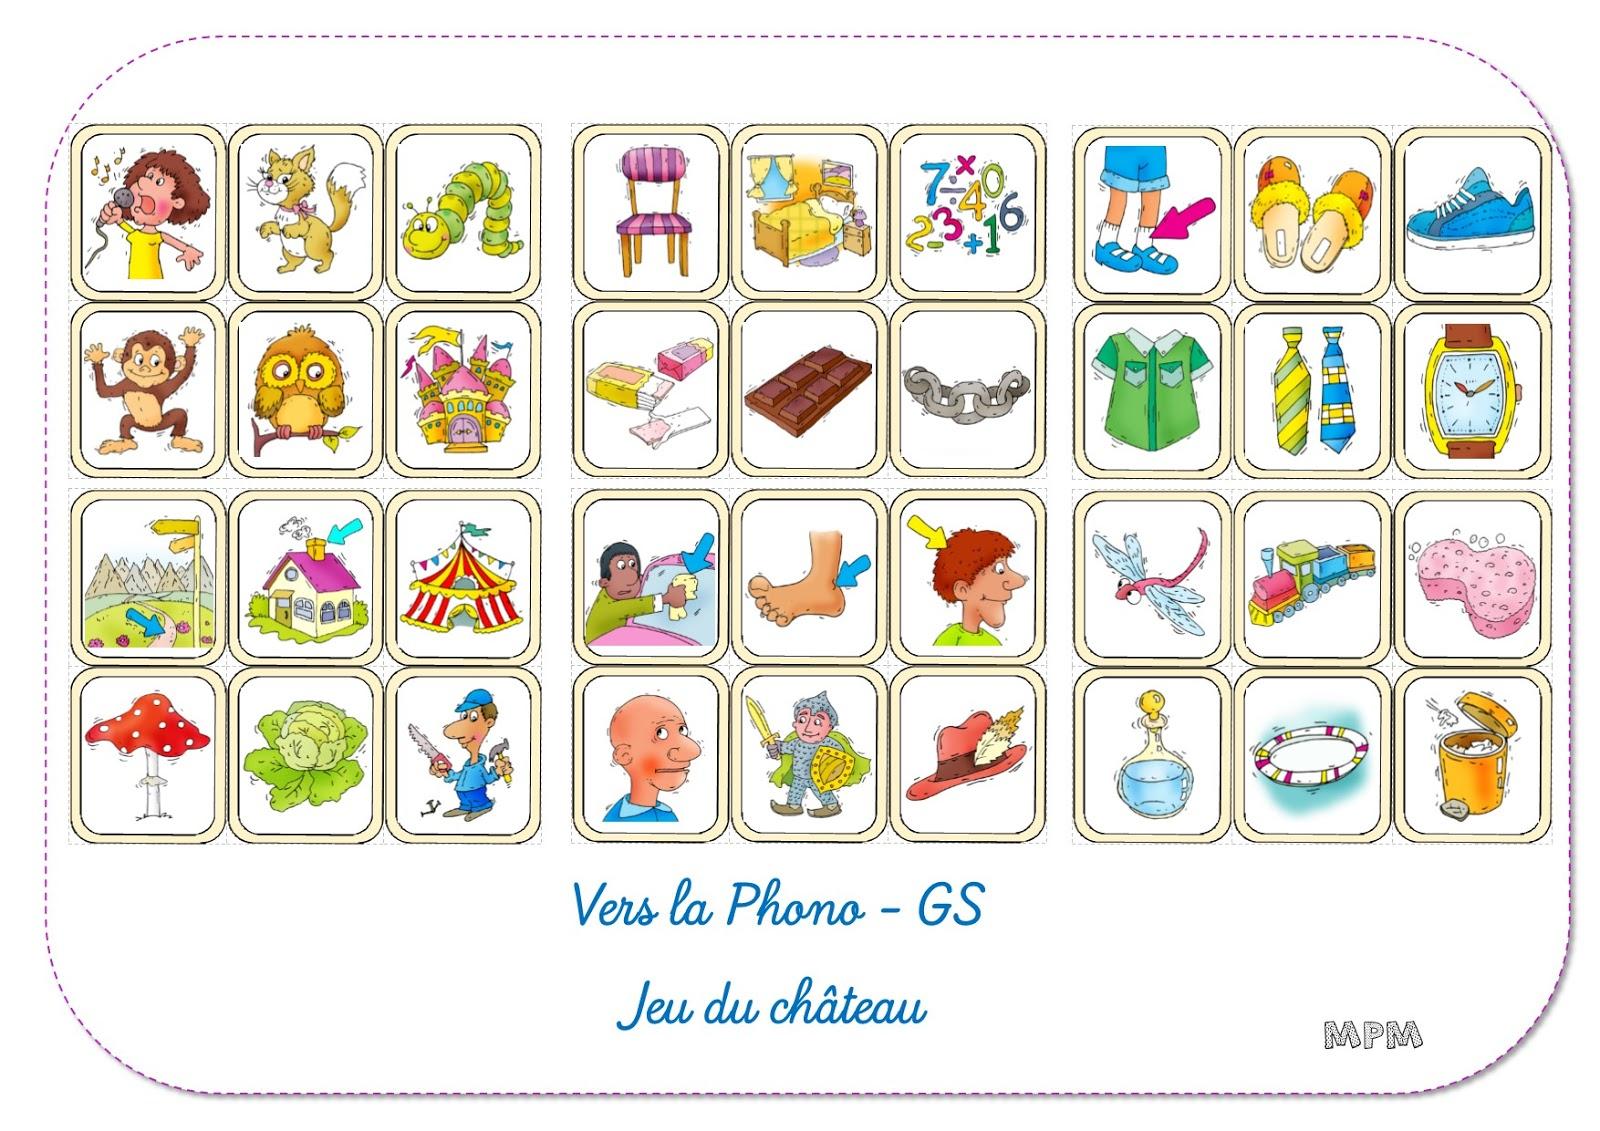 Jeux Grande Section Maternelle Gratuit En Ligne - Primanyc tout Jeux Educatif Grande Section